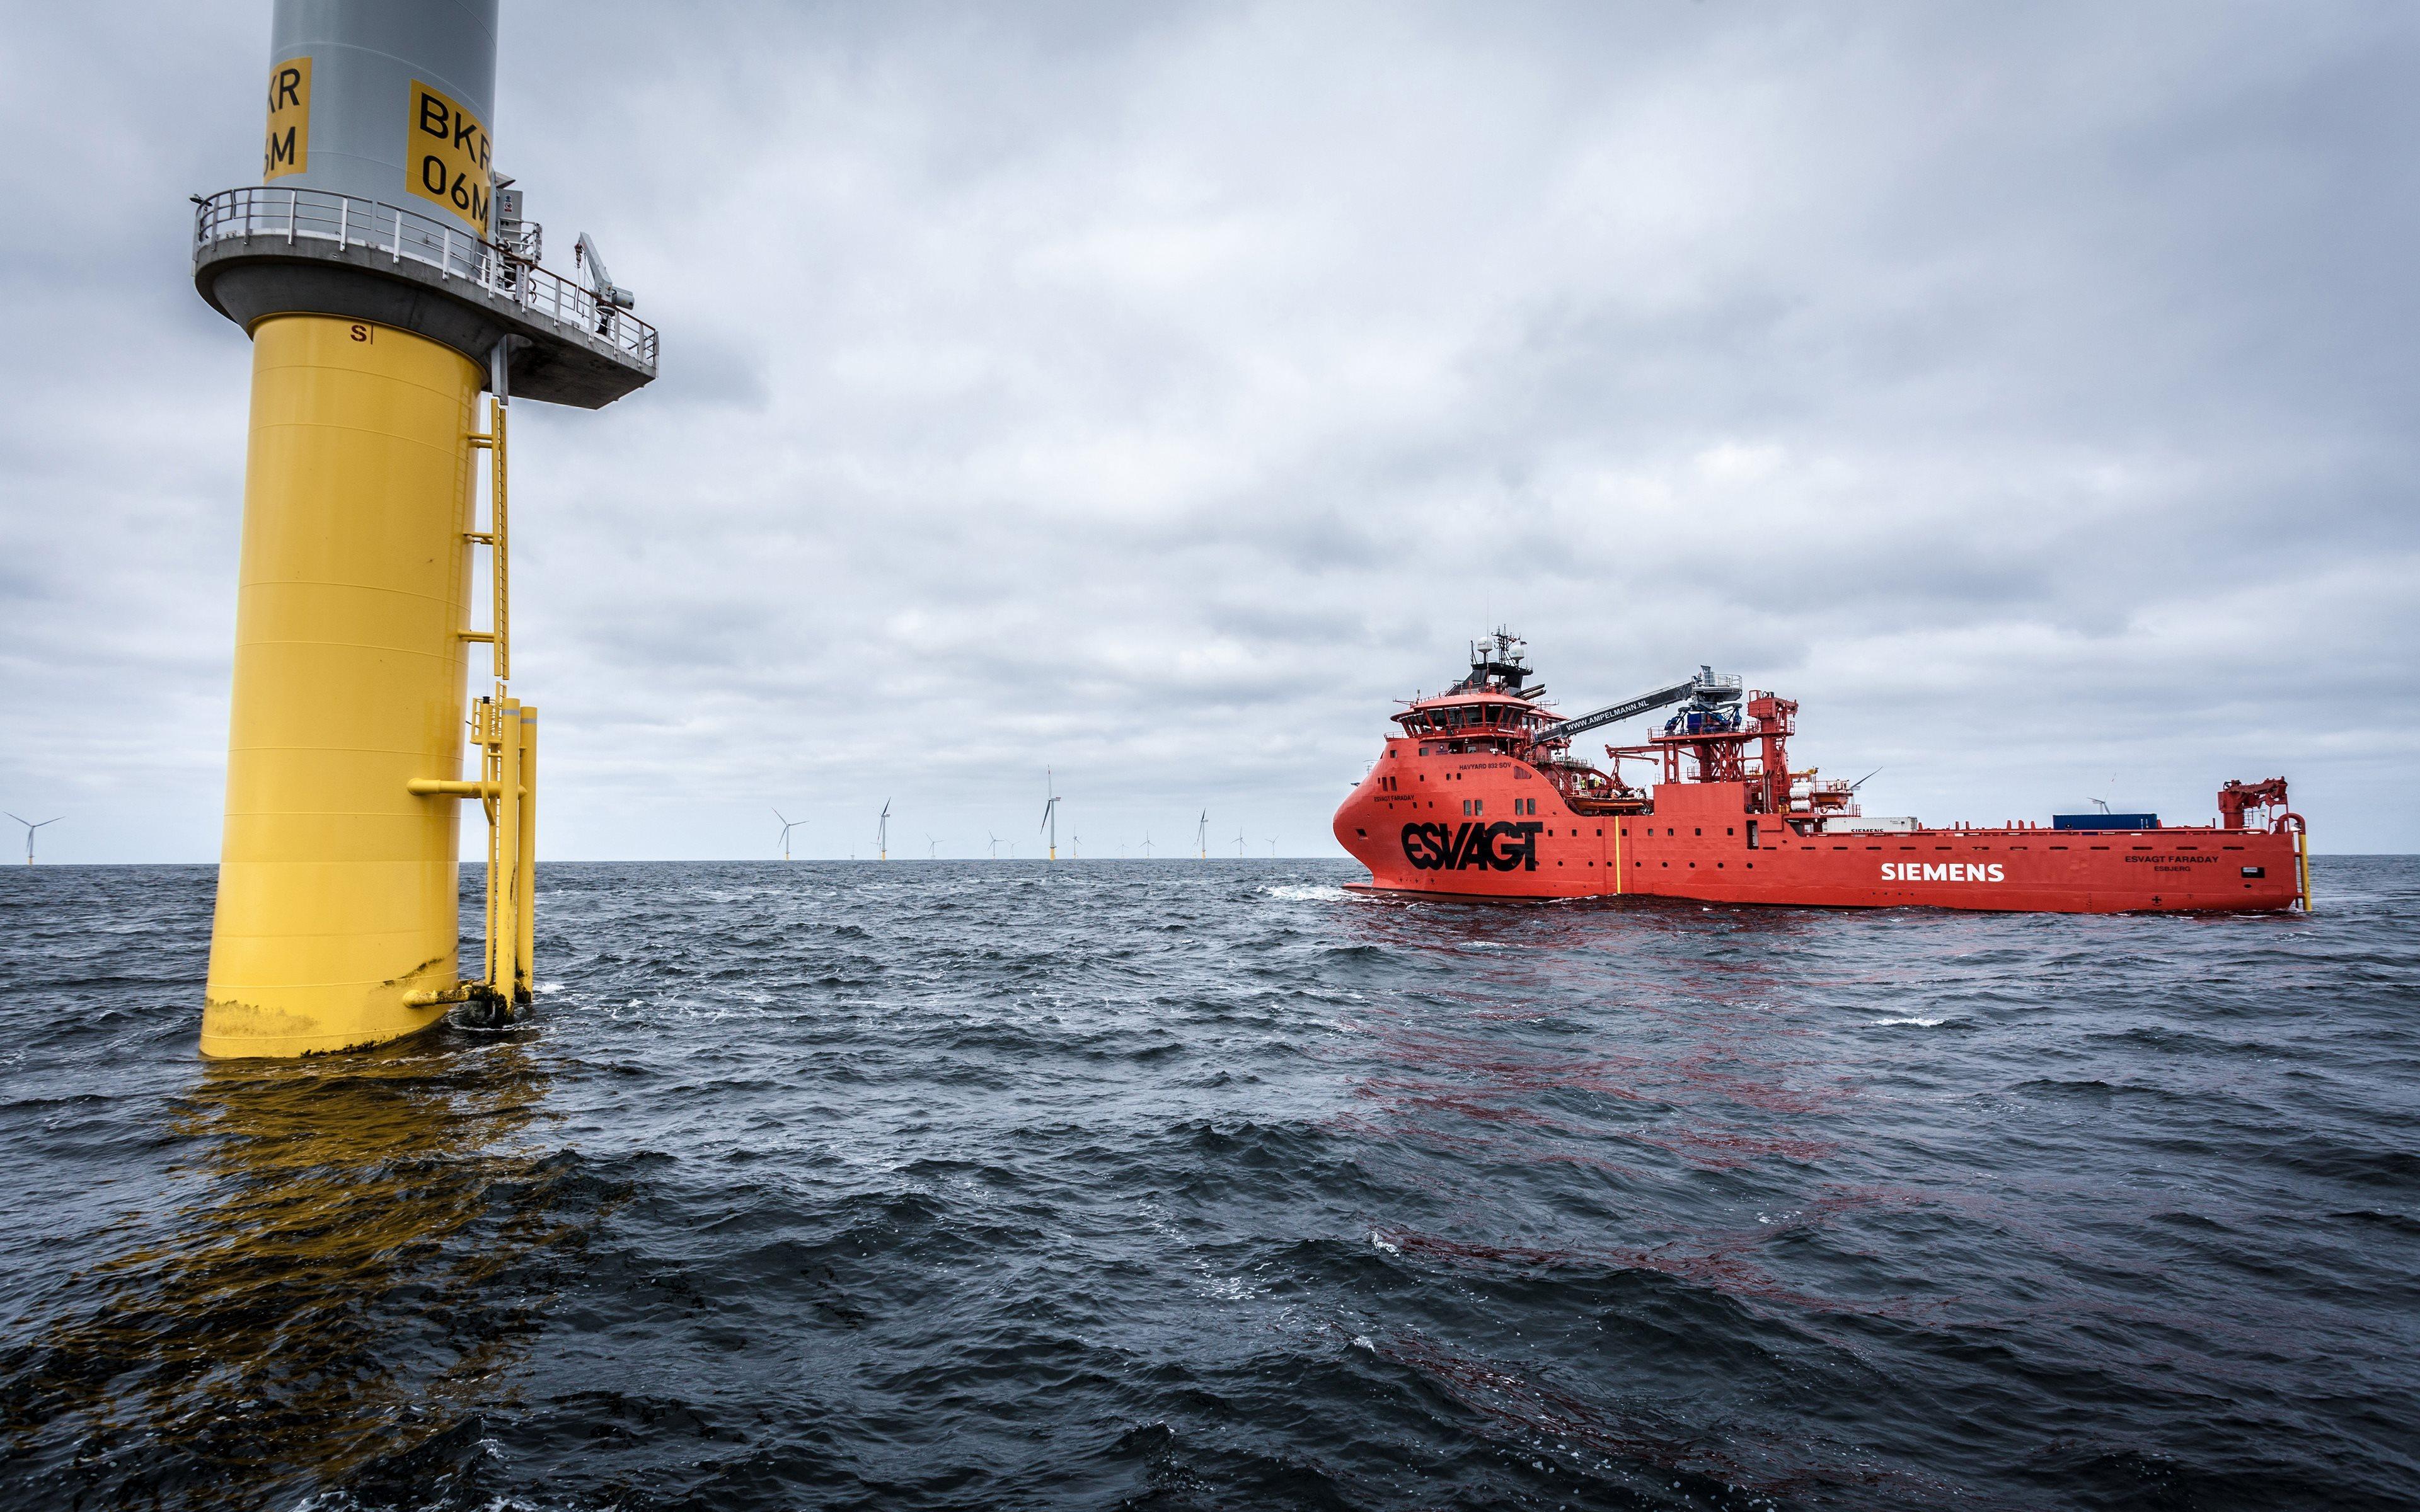 Картинка: Корабль, работа, техника, вышка, море, ветрогенератор, ВЭУ